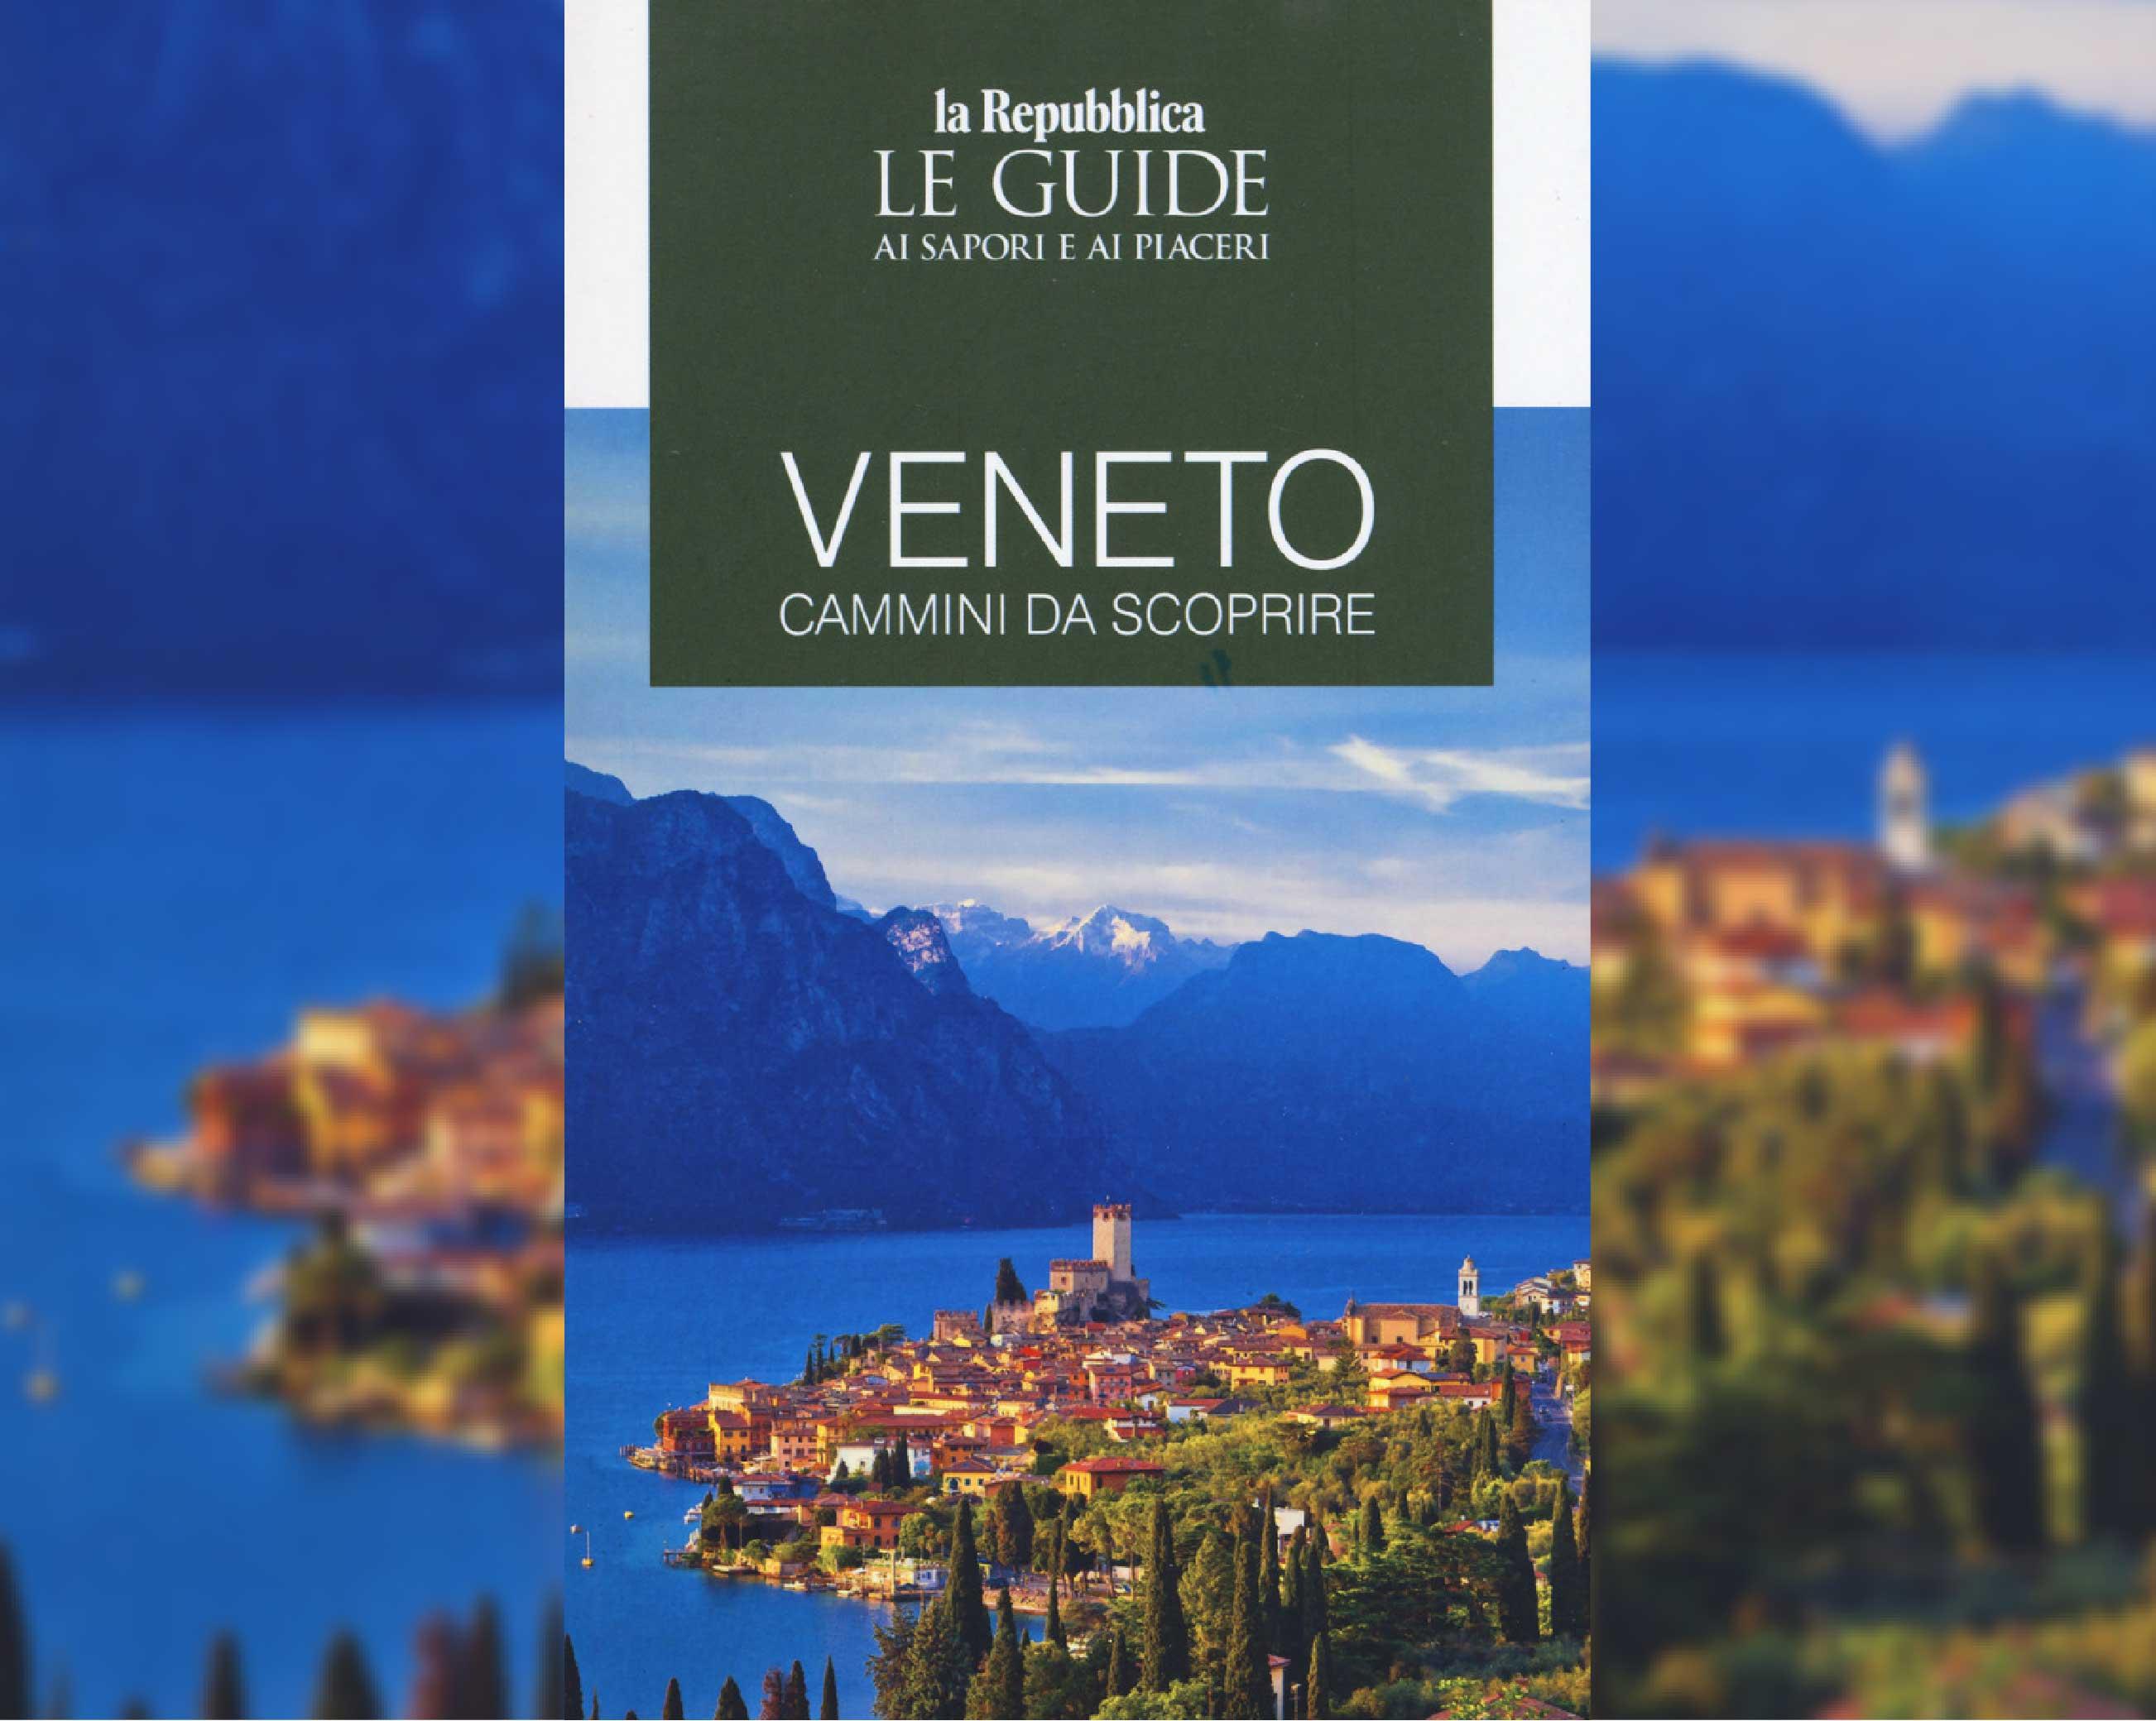 La Repubblica - Le guide